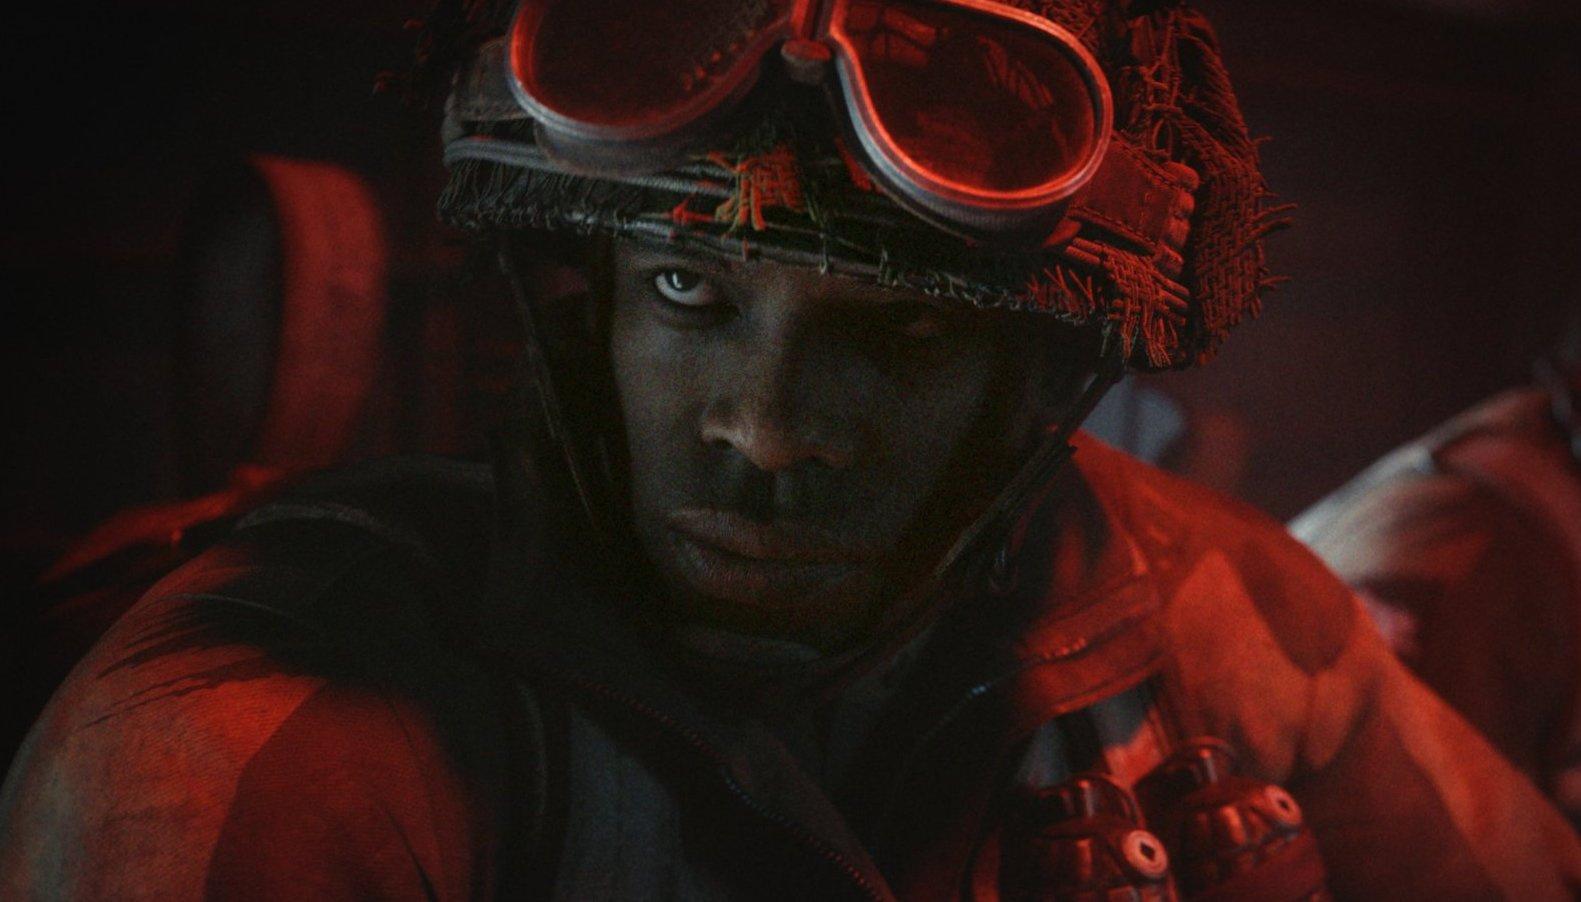 f9ed913685aa2f98 1920xH - Альфа-тестирование режима Call of Duty: Vanguard пройдёт 27-29 августа